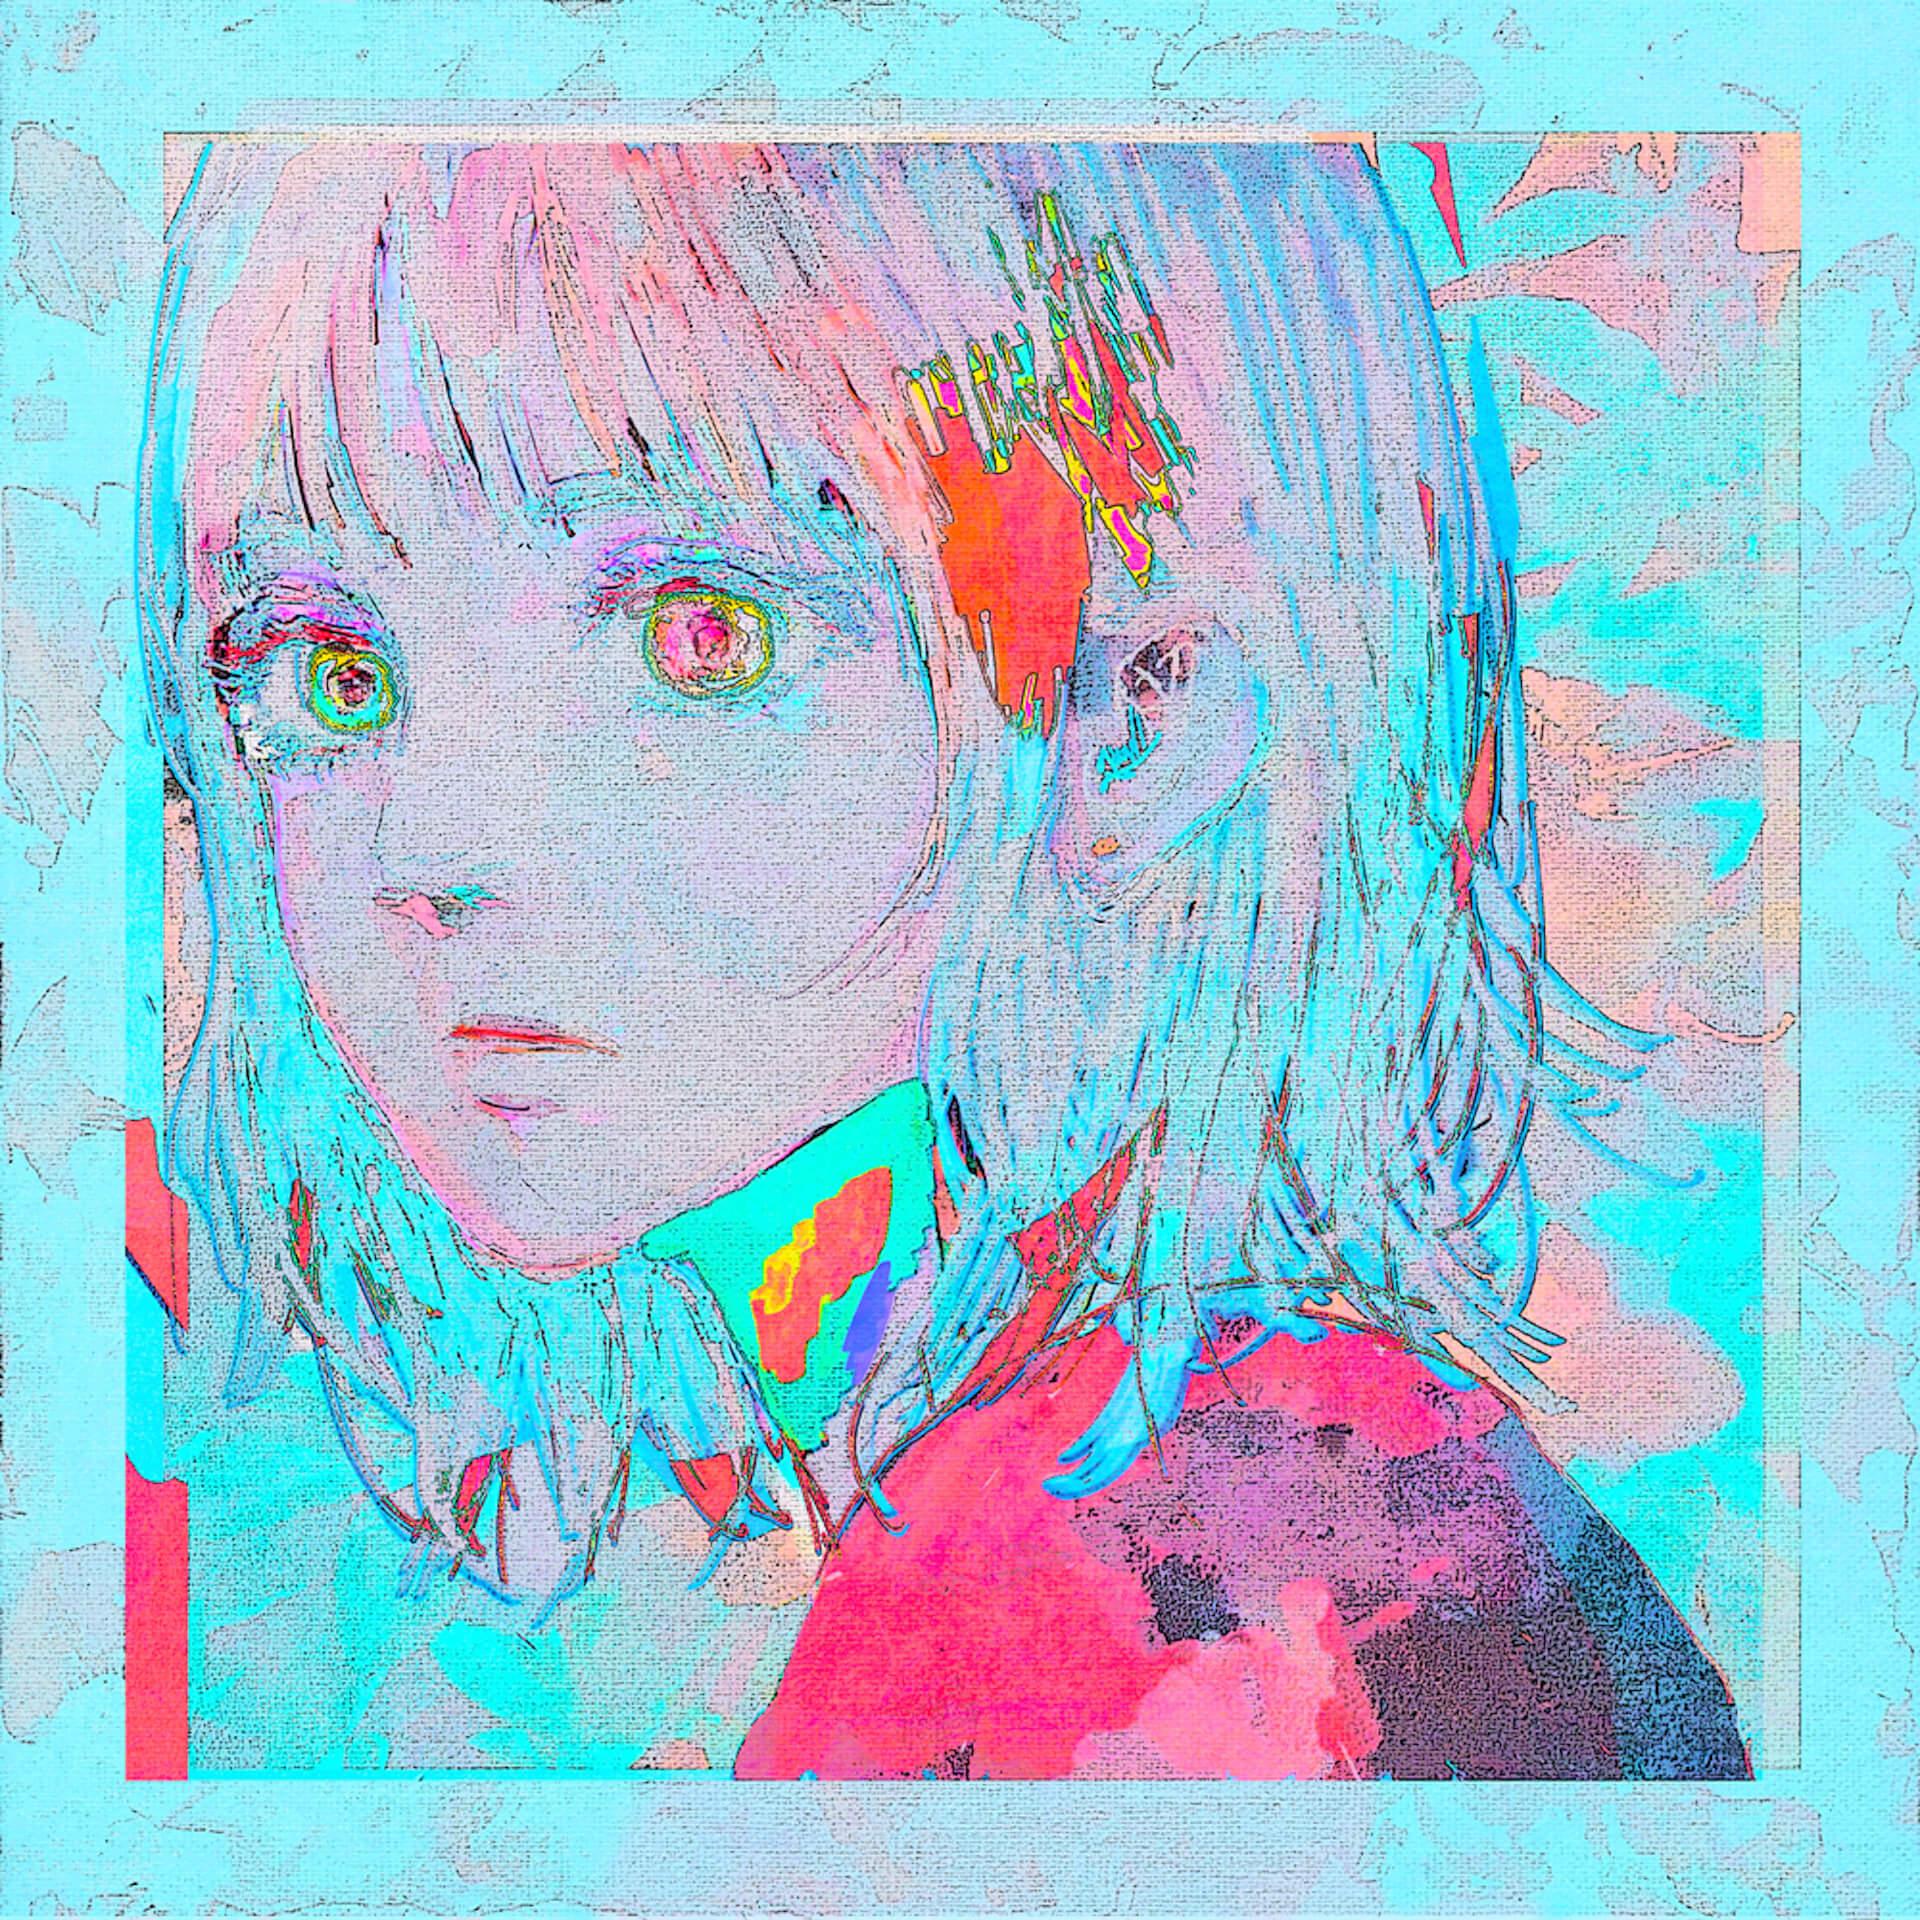 """米津玄師""""Pale Blue""""が2021年度DL数1位を記録!通算1位獲得作品数8作品目で自己記録も更新 music210608_yonezukenshi_paleblue_4"""